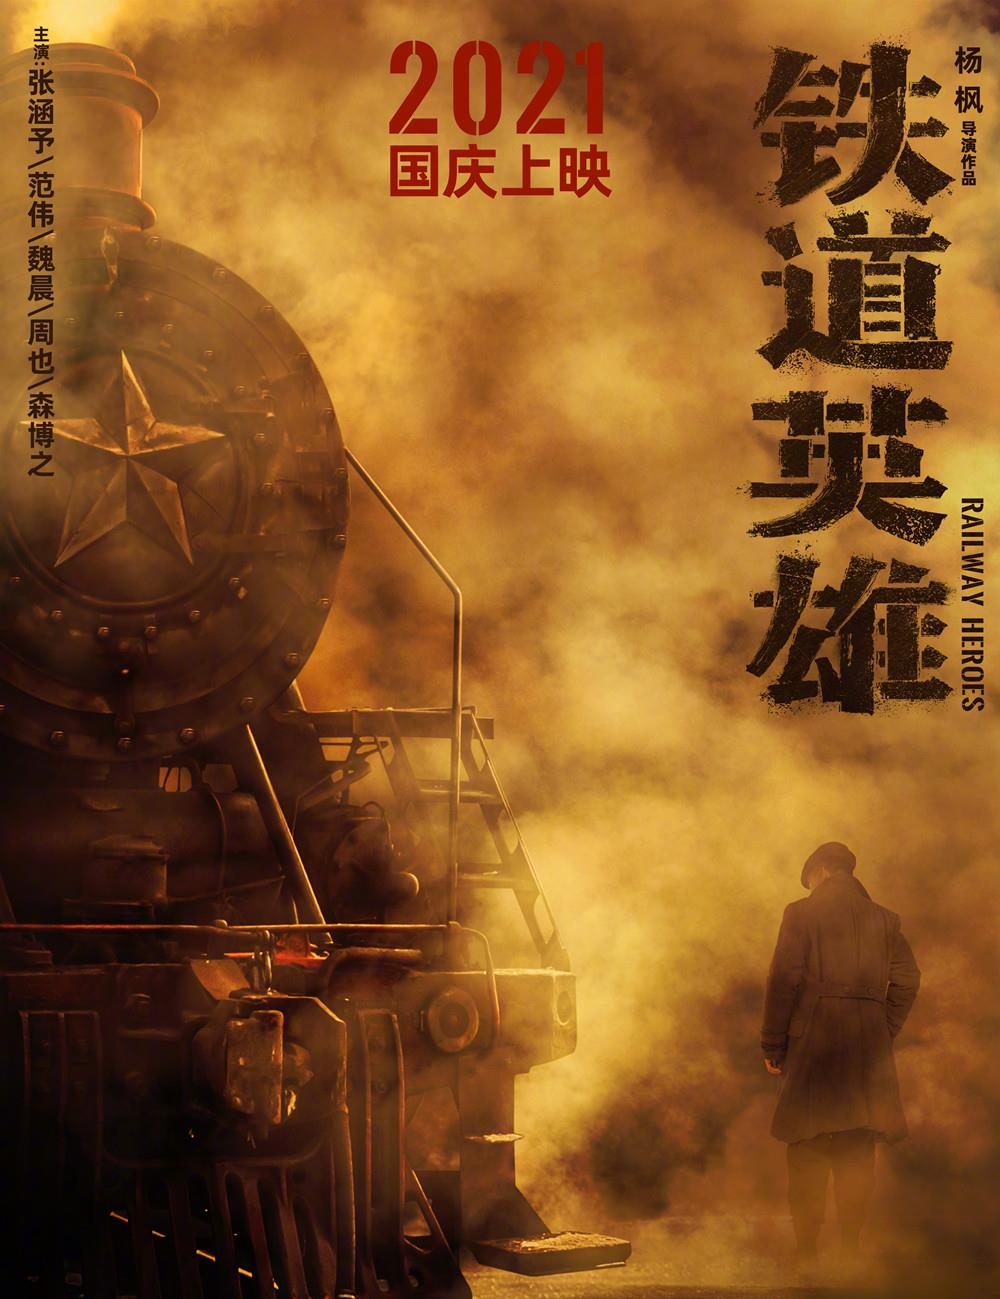 《铁道英雄》-百度云网盘[HD1080p]资源分享